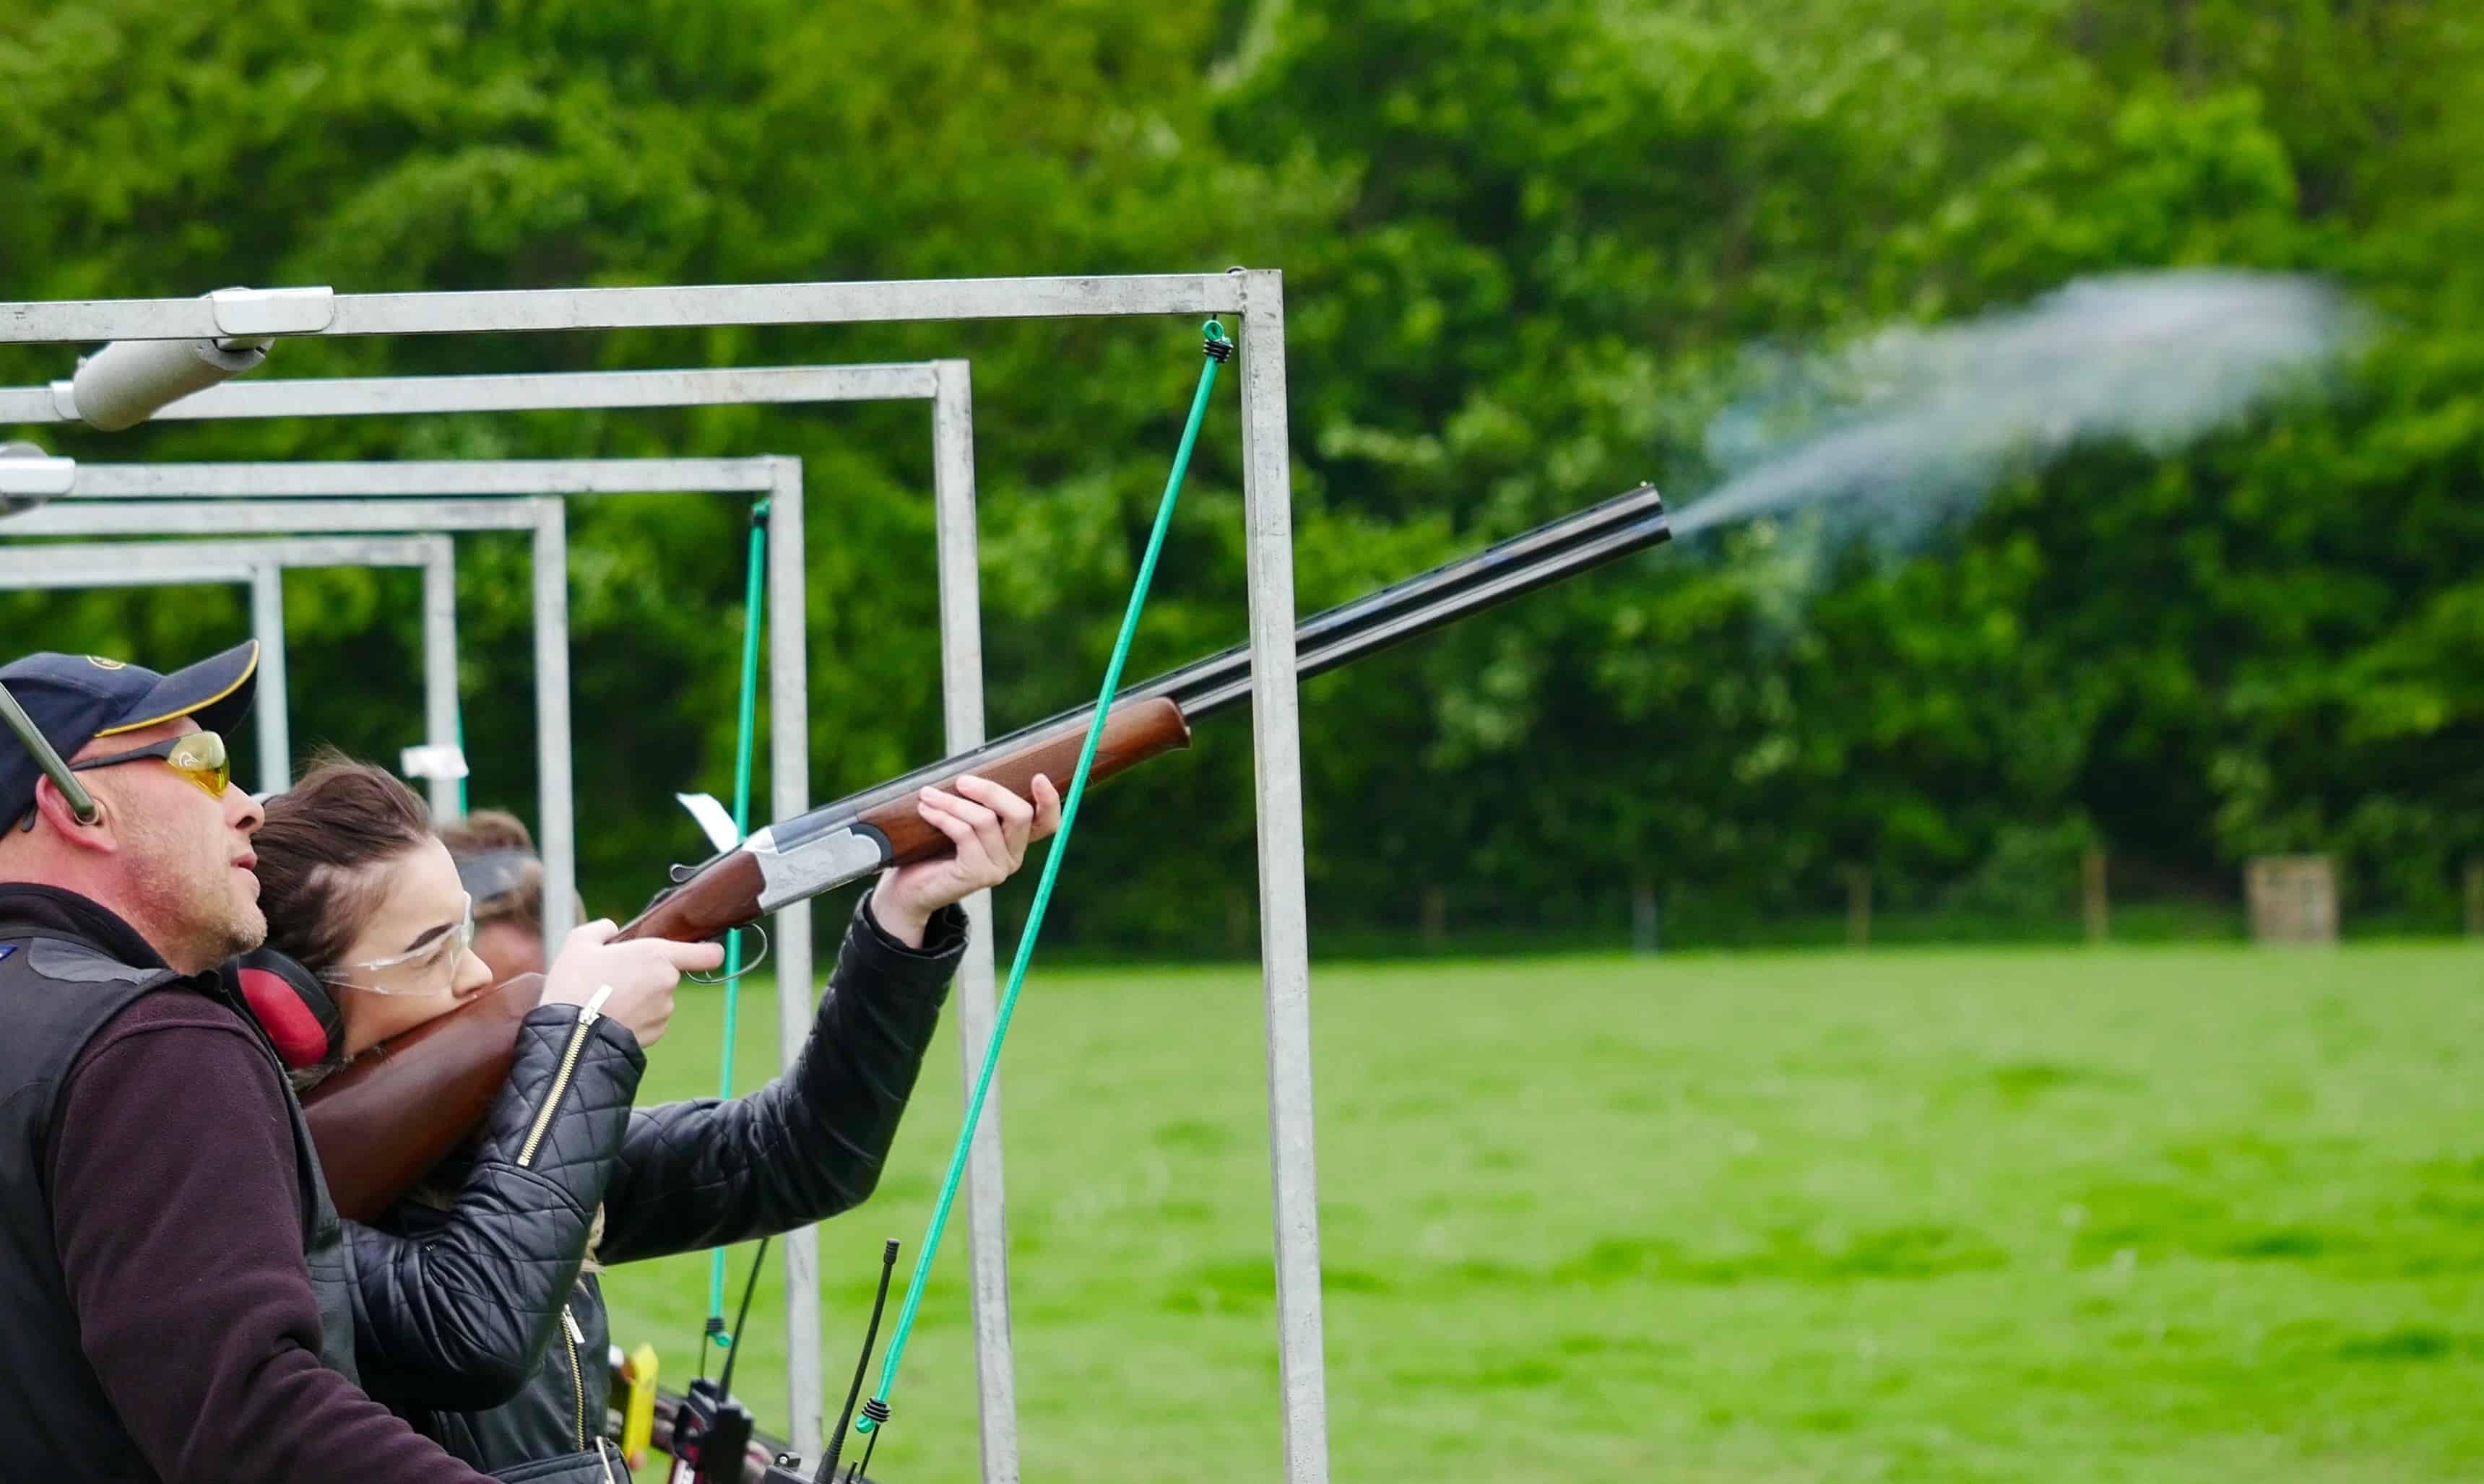 man and woman on a shooting range